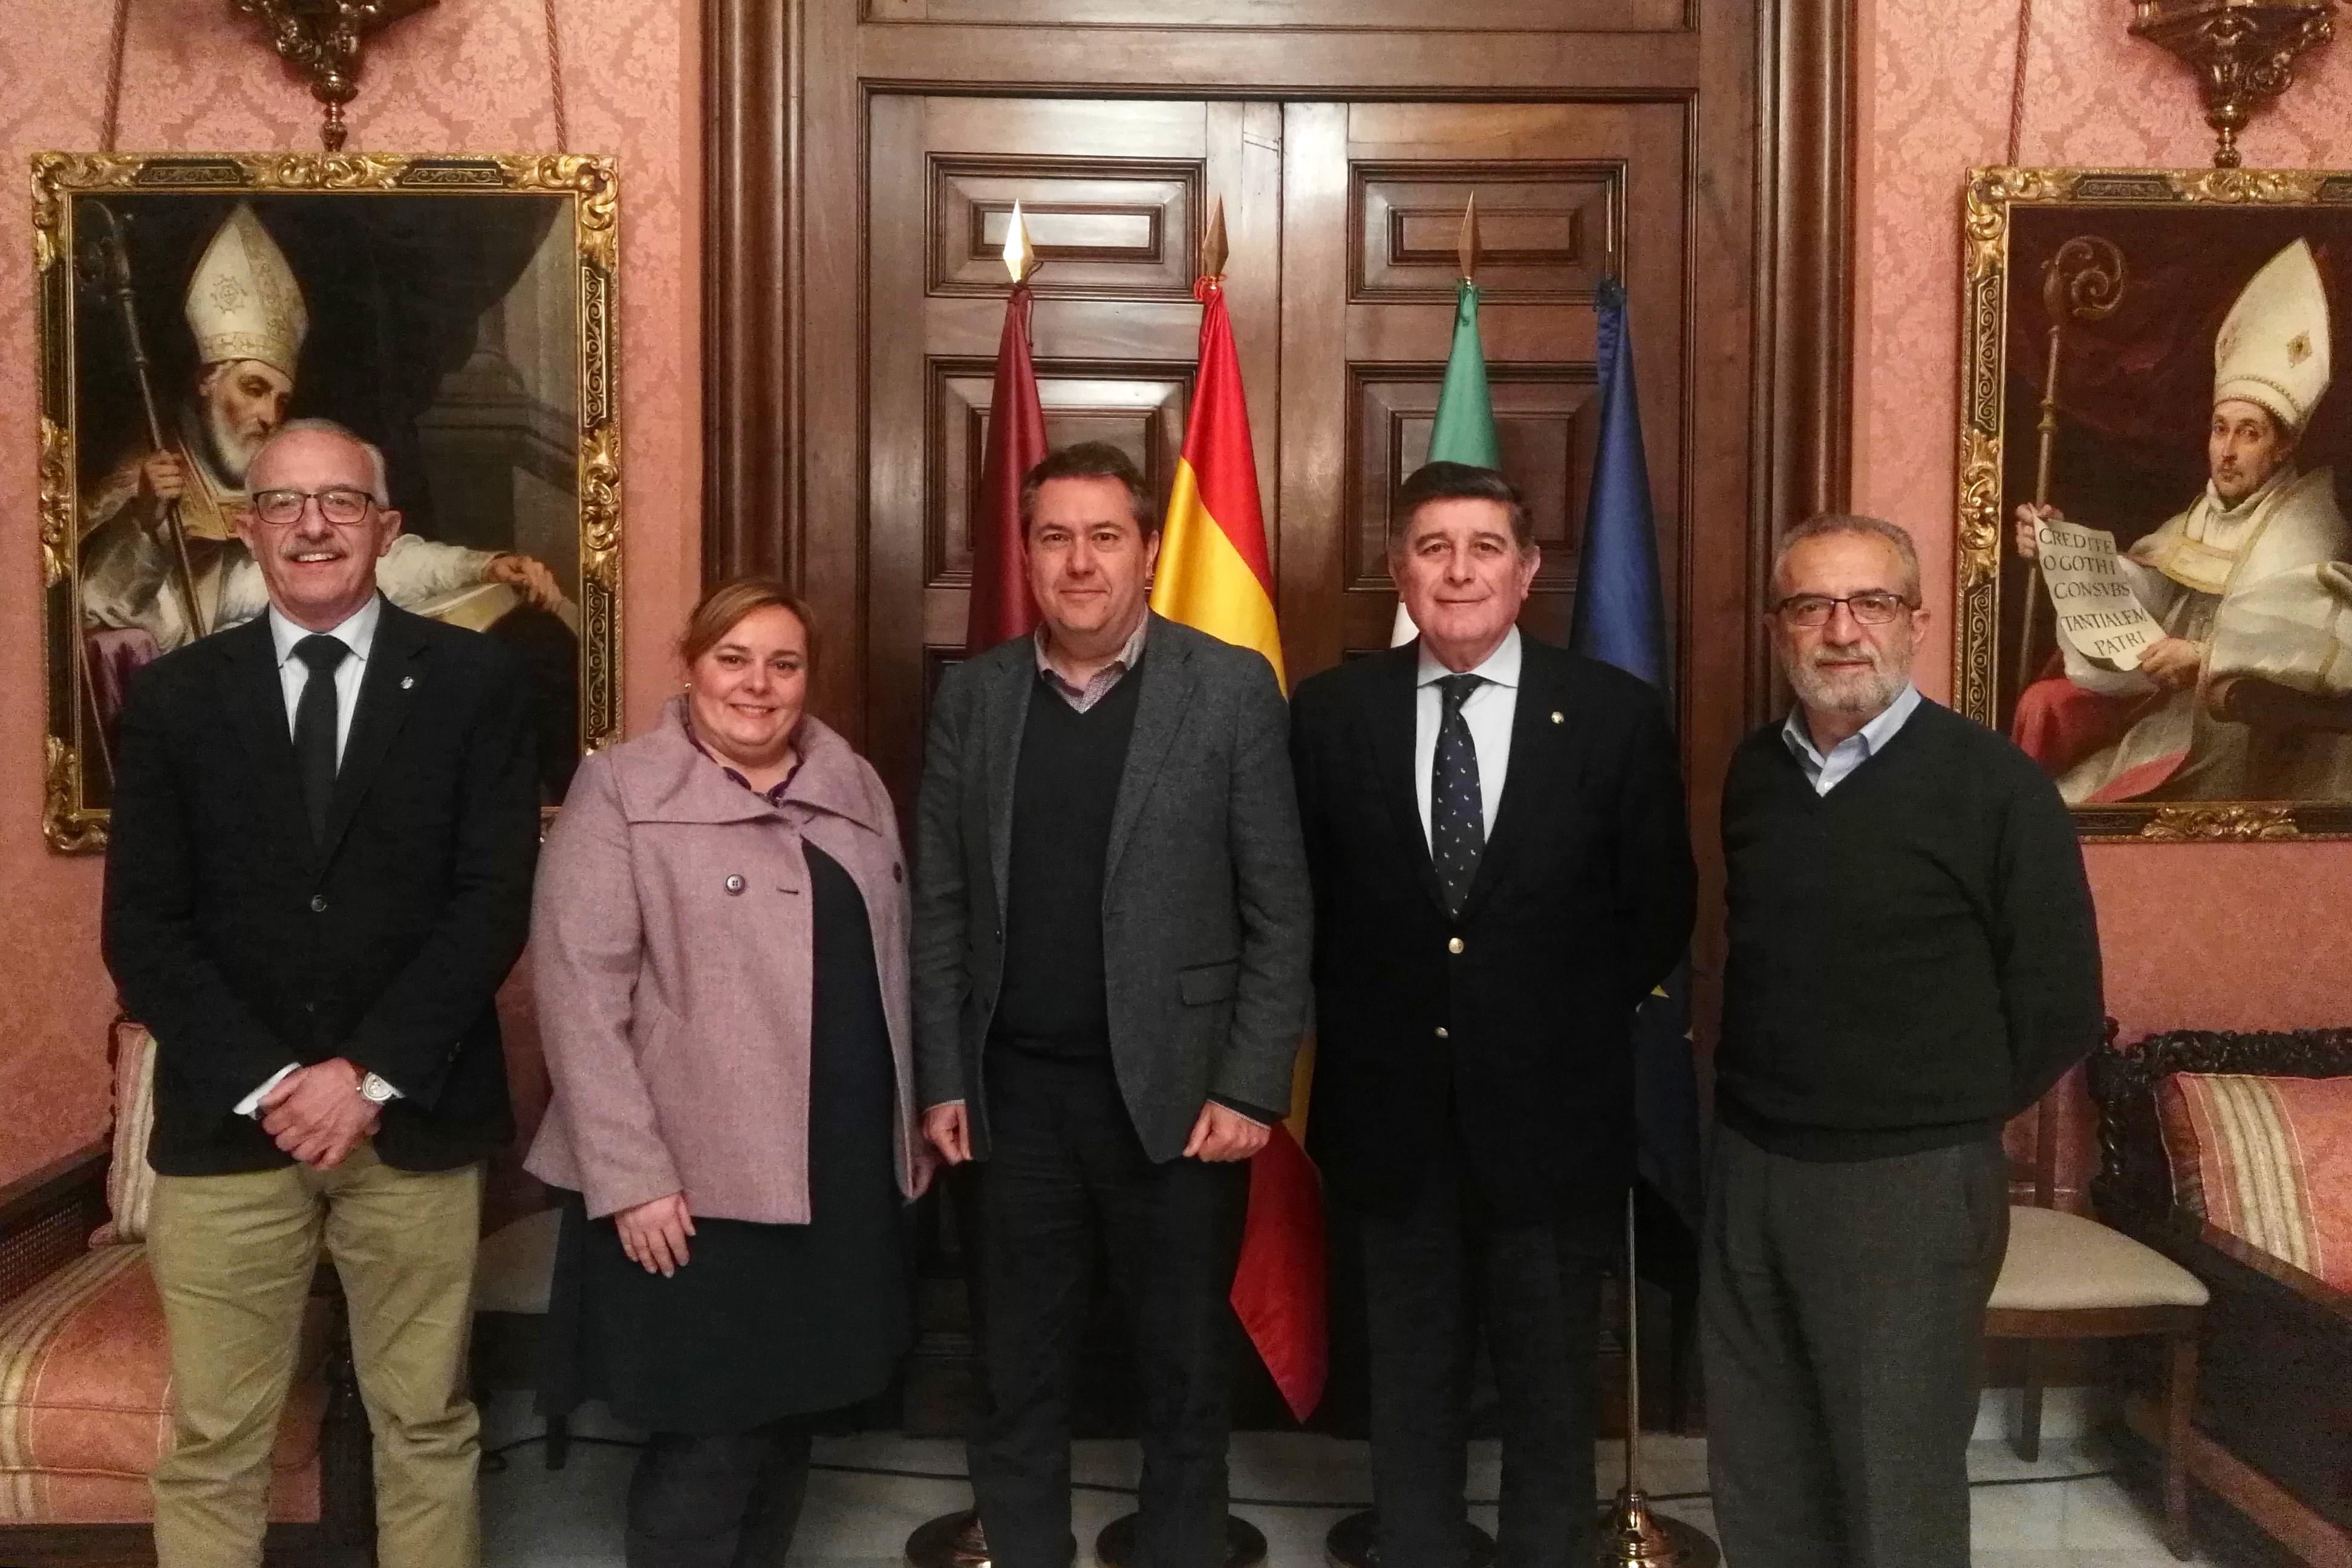 El Colegio de Farmacéuticos presenta al alcalde el congreso internacional de enfermedades raras de 2019 y el encuentro mundial de farmacéuticos de 2020 que tendrán lugar en Sevilla